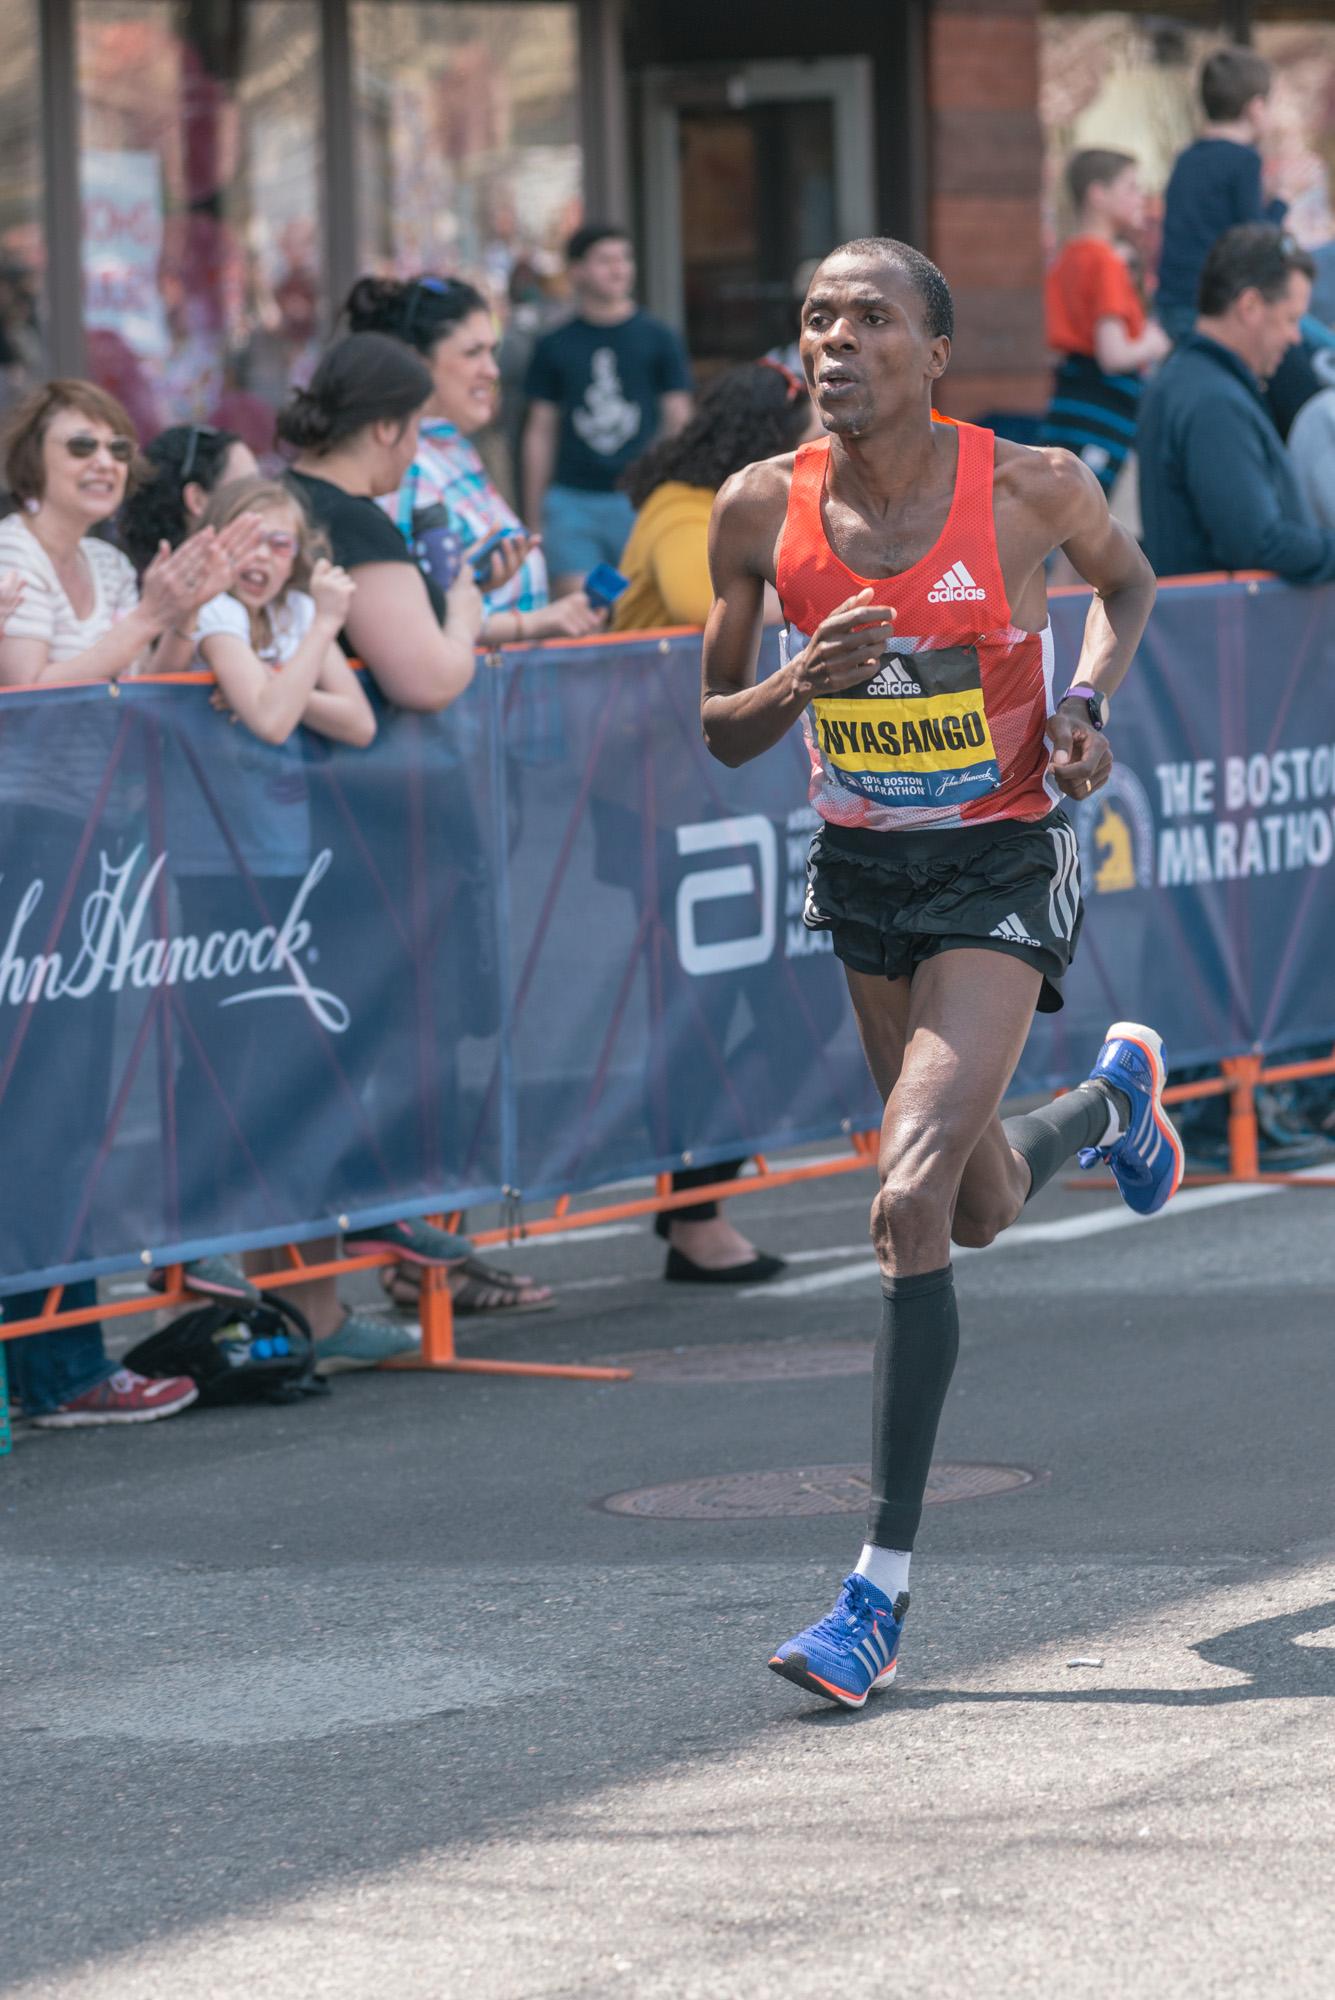 Cutbert Nyasango - 11th place